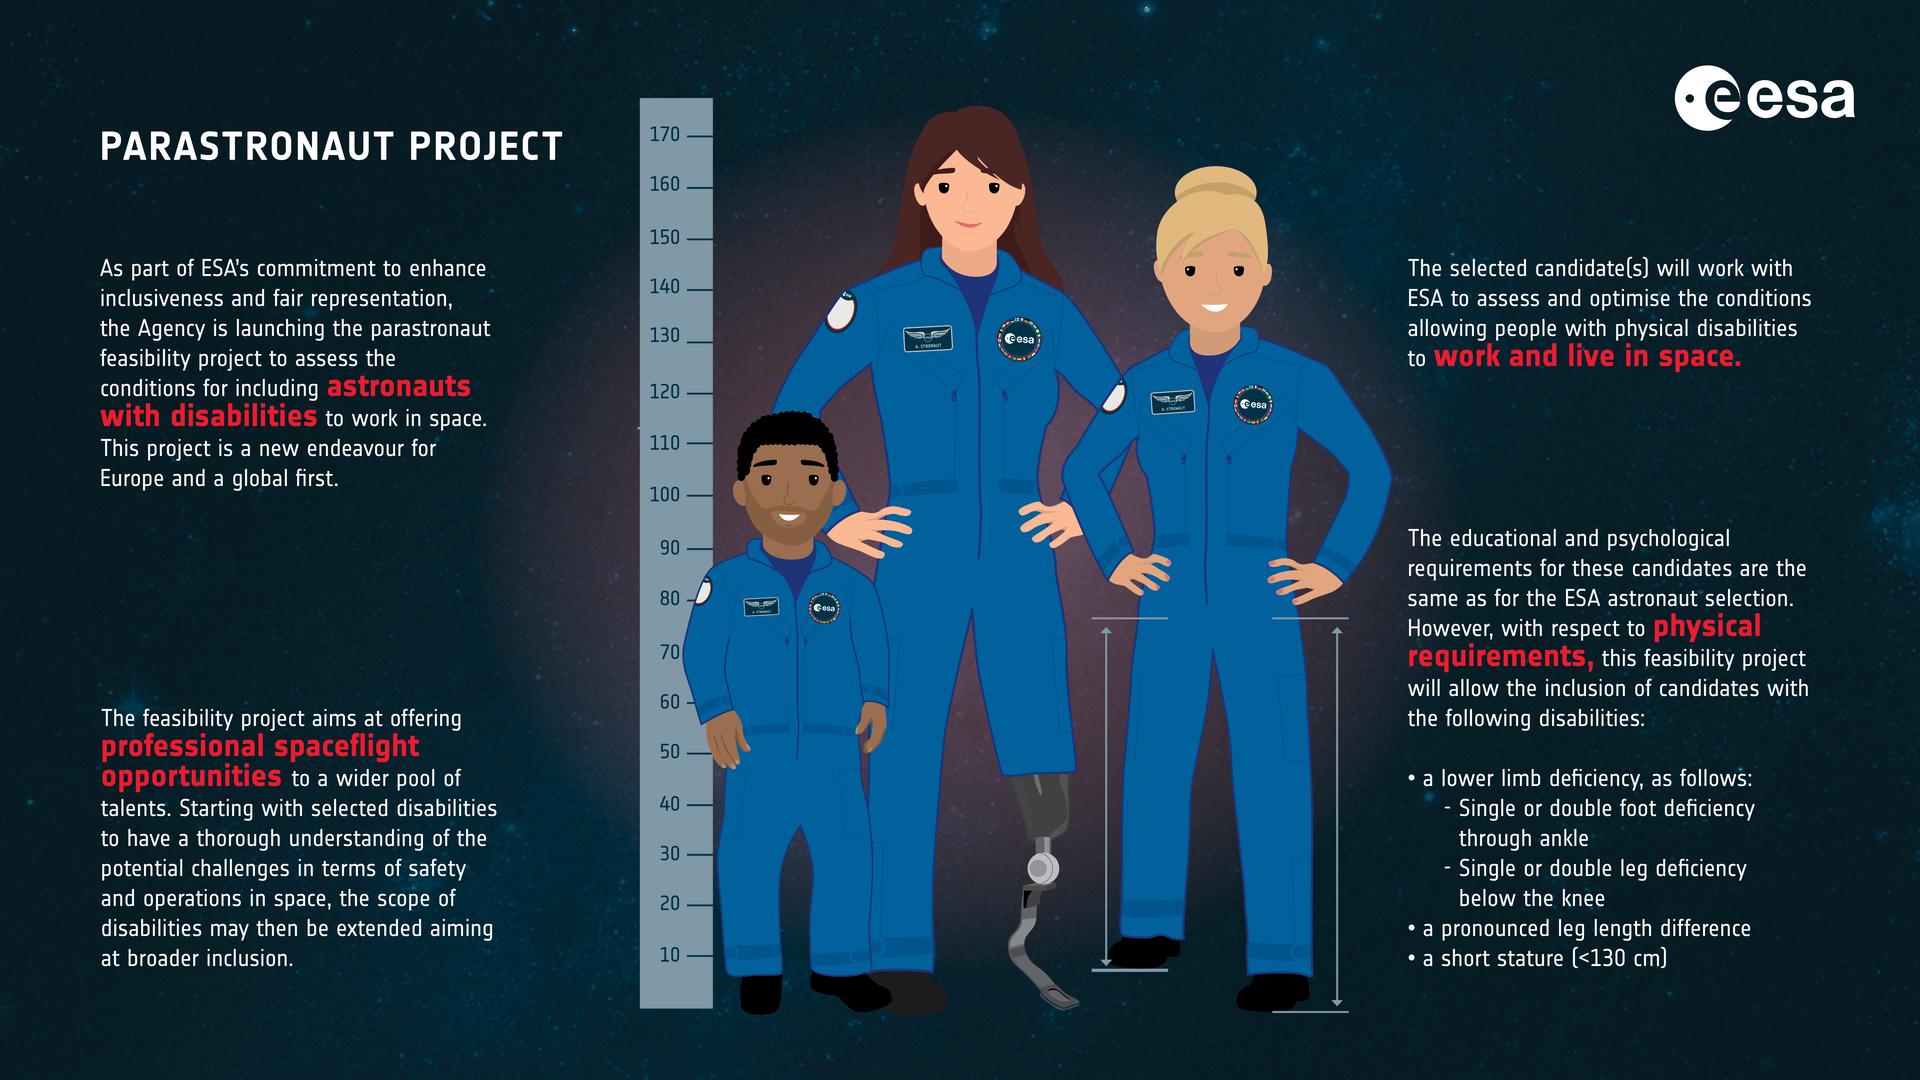 L'Agència Espacial Europea convoca per primera vegada places per a astronautes amb discapacitat física